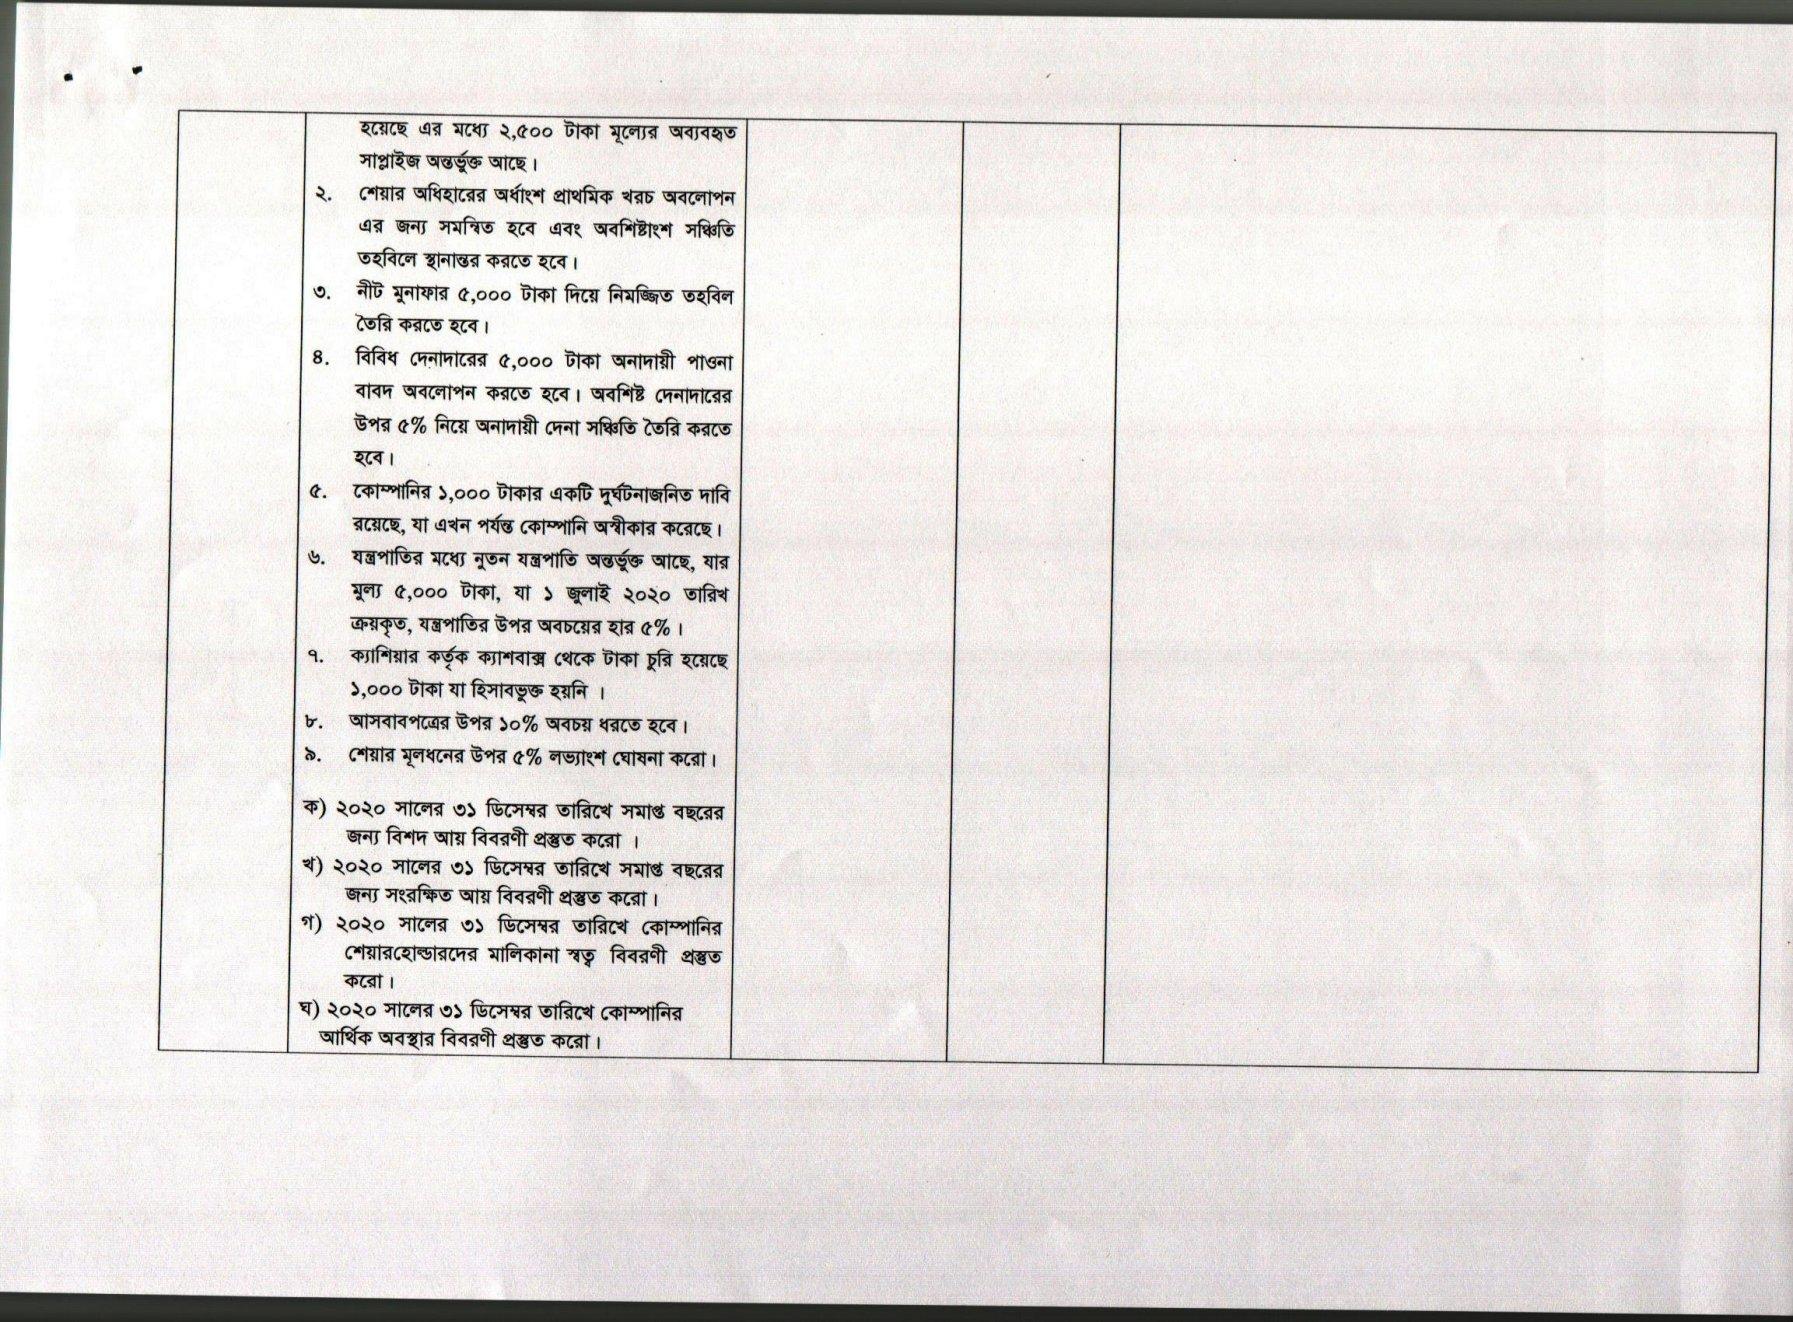 এইচএসসি ৭ম সপ্তাহের হিসাববিজ্ঞান ২য় পত্র এসাইনমেন্ট সমাধান /উত্তর ২০২২ | এইচএসসি এসাইনমেন্ট ২০২২ উত্তর/সমাধান হিসাববিজ্ঞান ২য় পত্র (এসাইনমেন্ট ৪) ৭ম সপ্তাহ